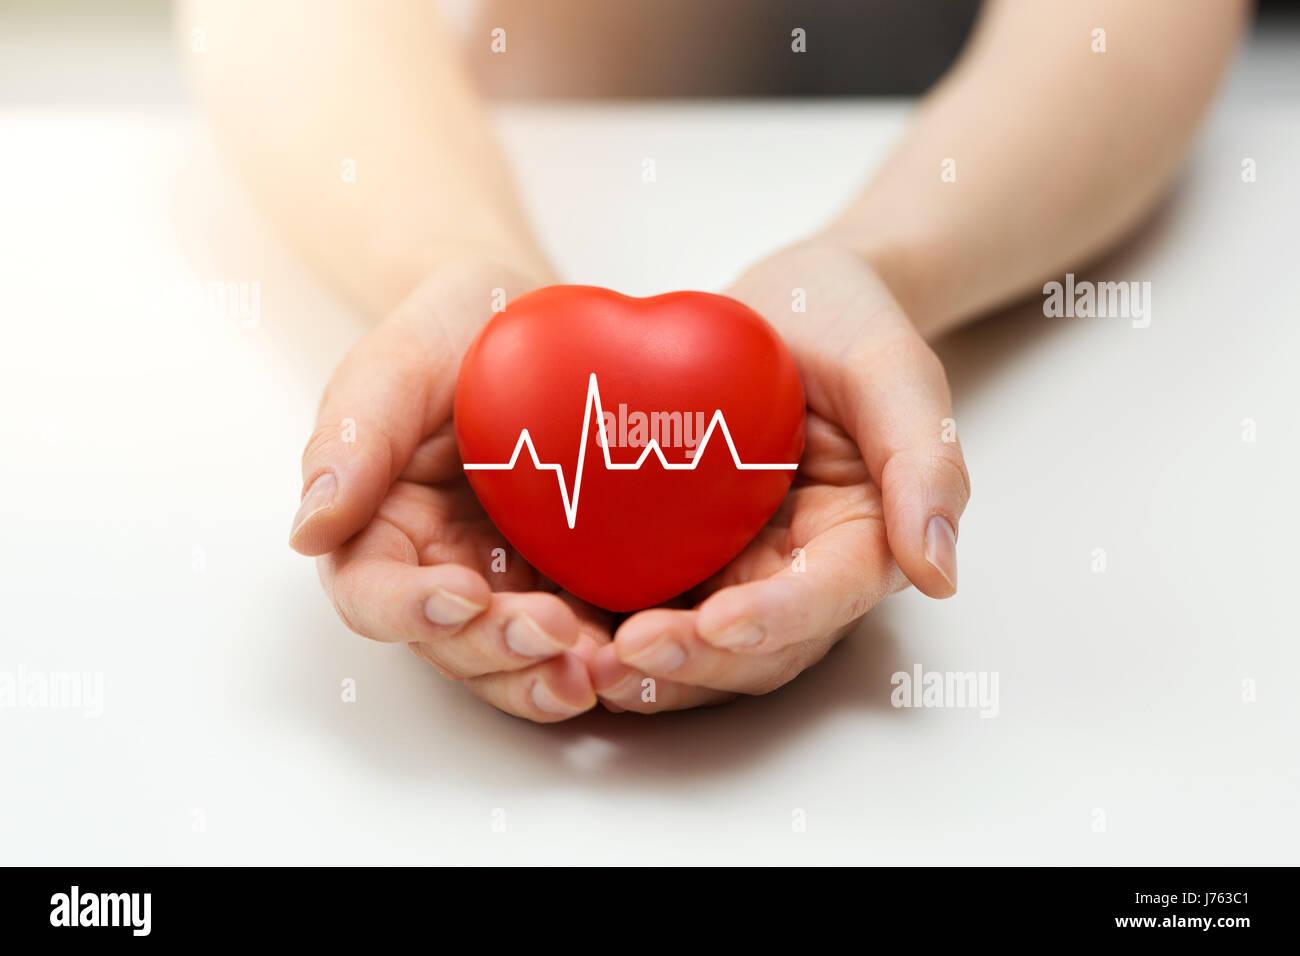 Kardiologie oder Krankenversicherung Konzept - rotes Herz in Händen Stockbild